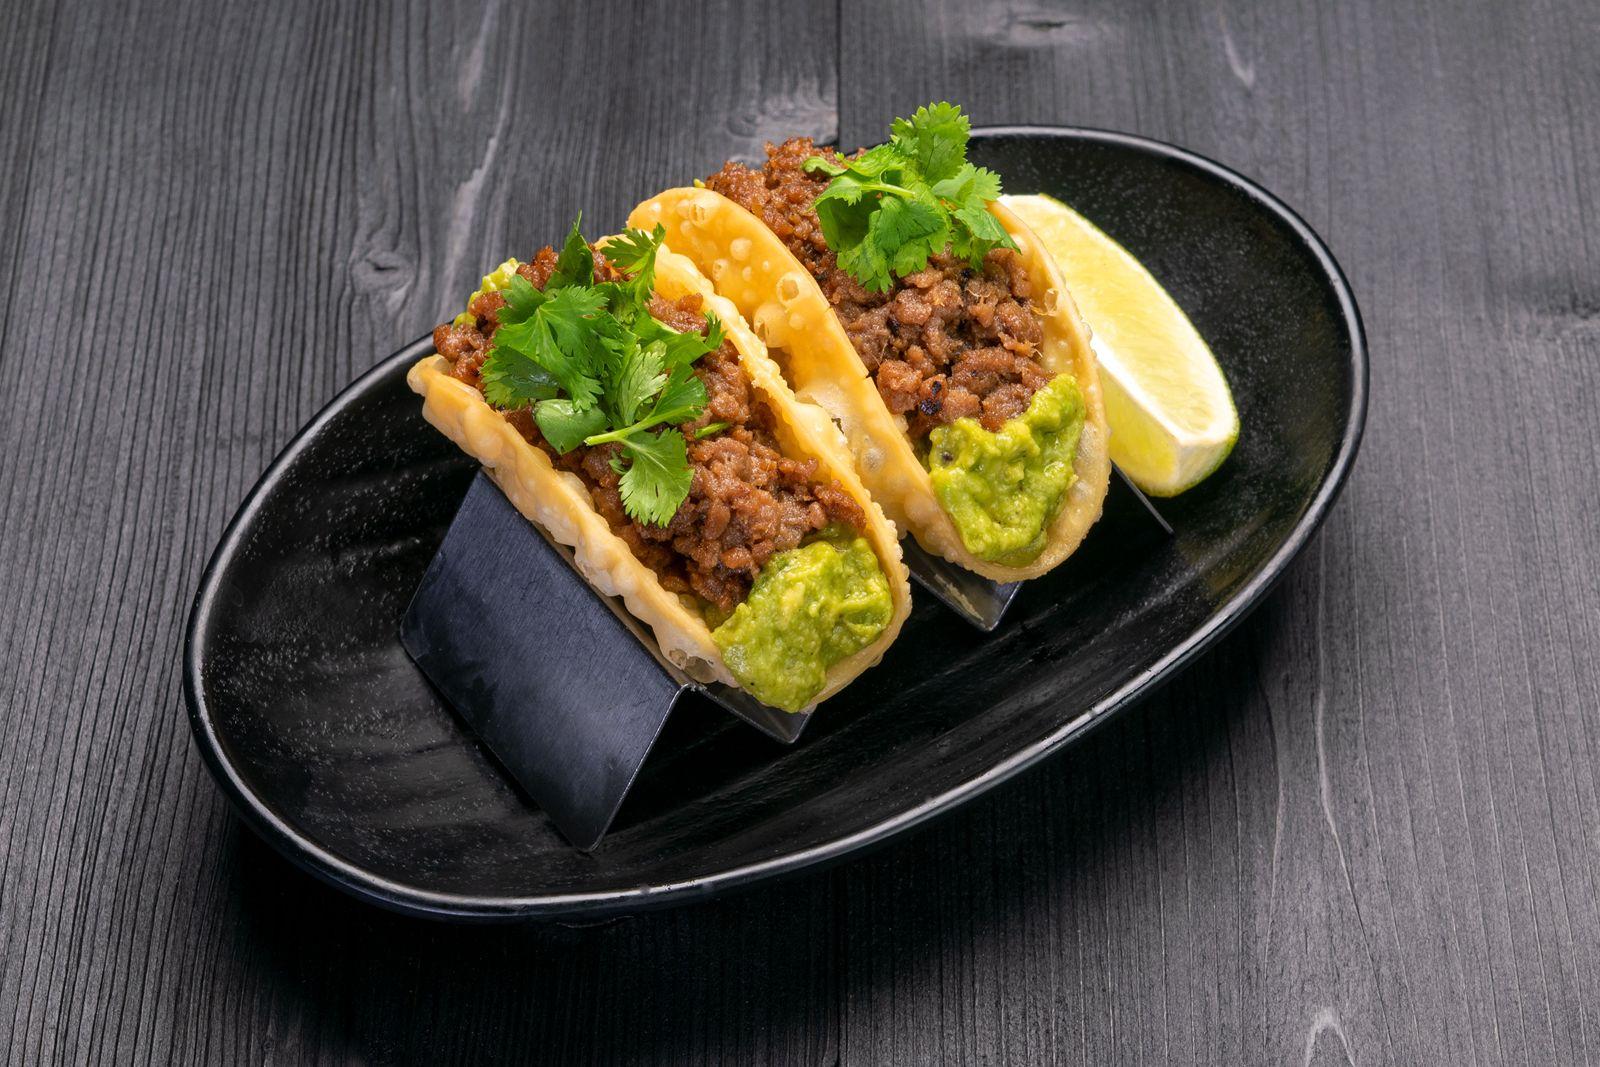 JINYA Ramen Bar Impossible Tacos